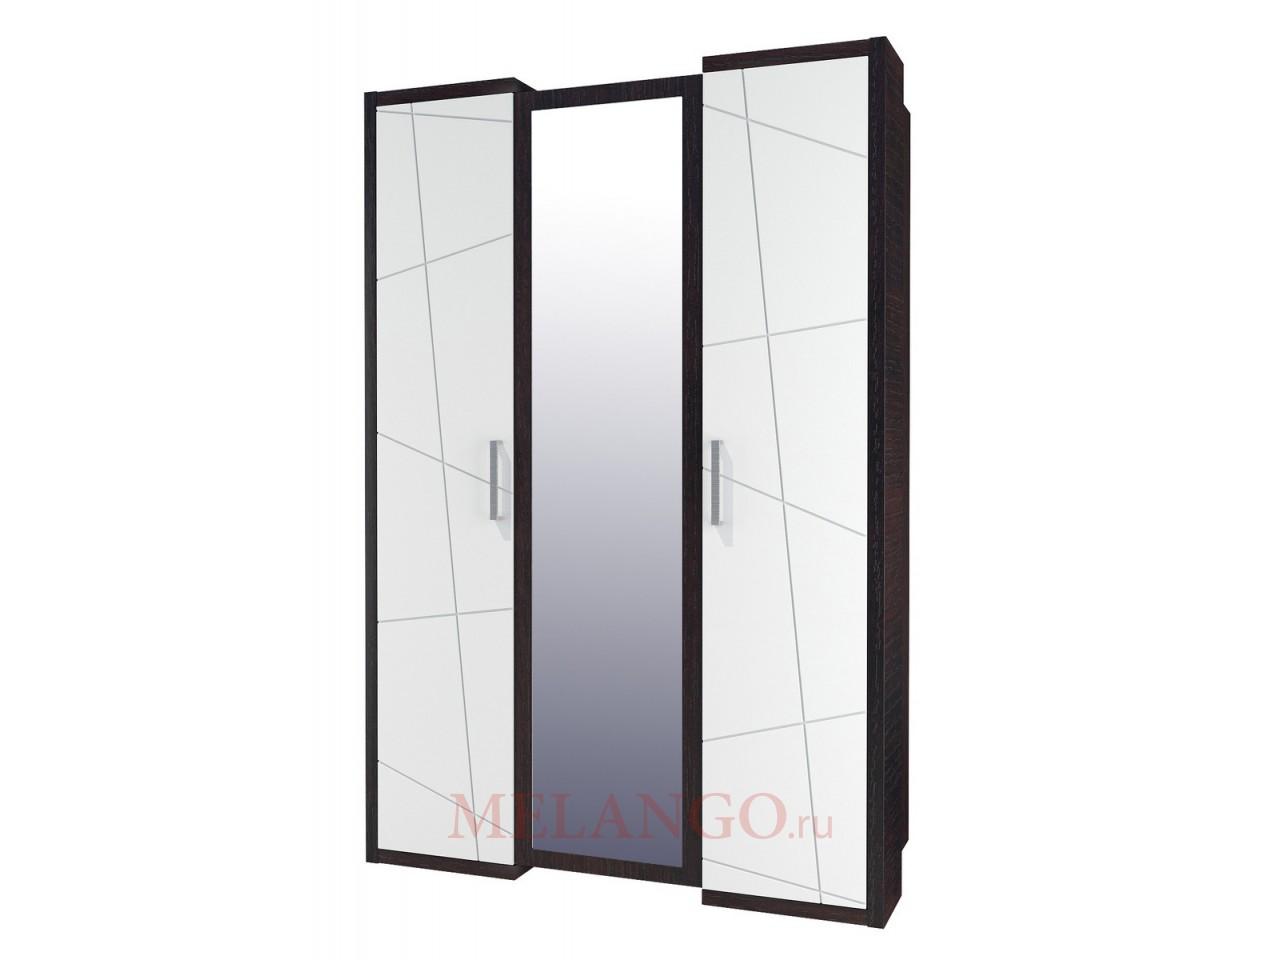 Трехдверный шкаф гардероб для одежды с зеркалом Барселона МН-115-03-220